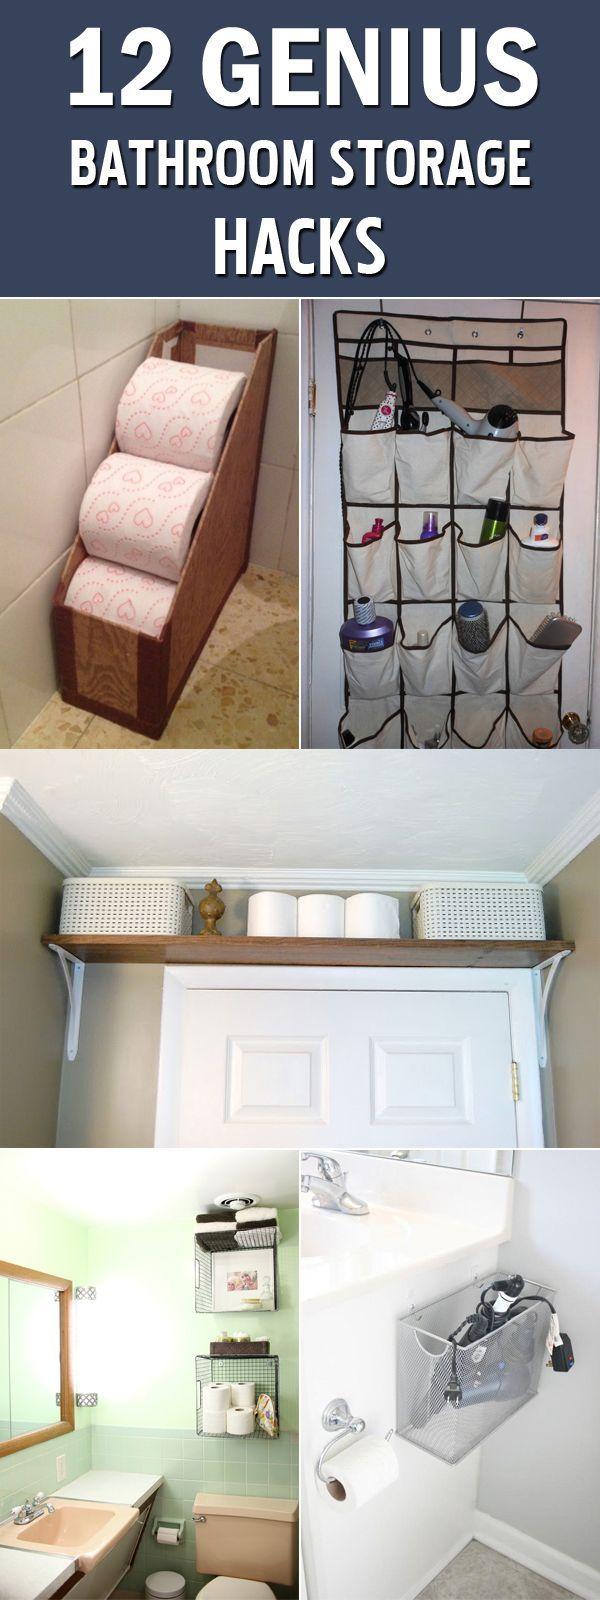 Best 20 Clean Straightener Ideas On Pinterest College Organization Ideas Bathroom